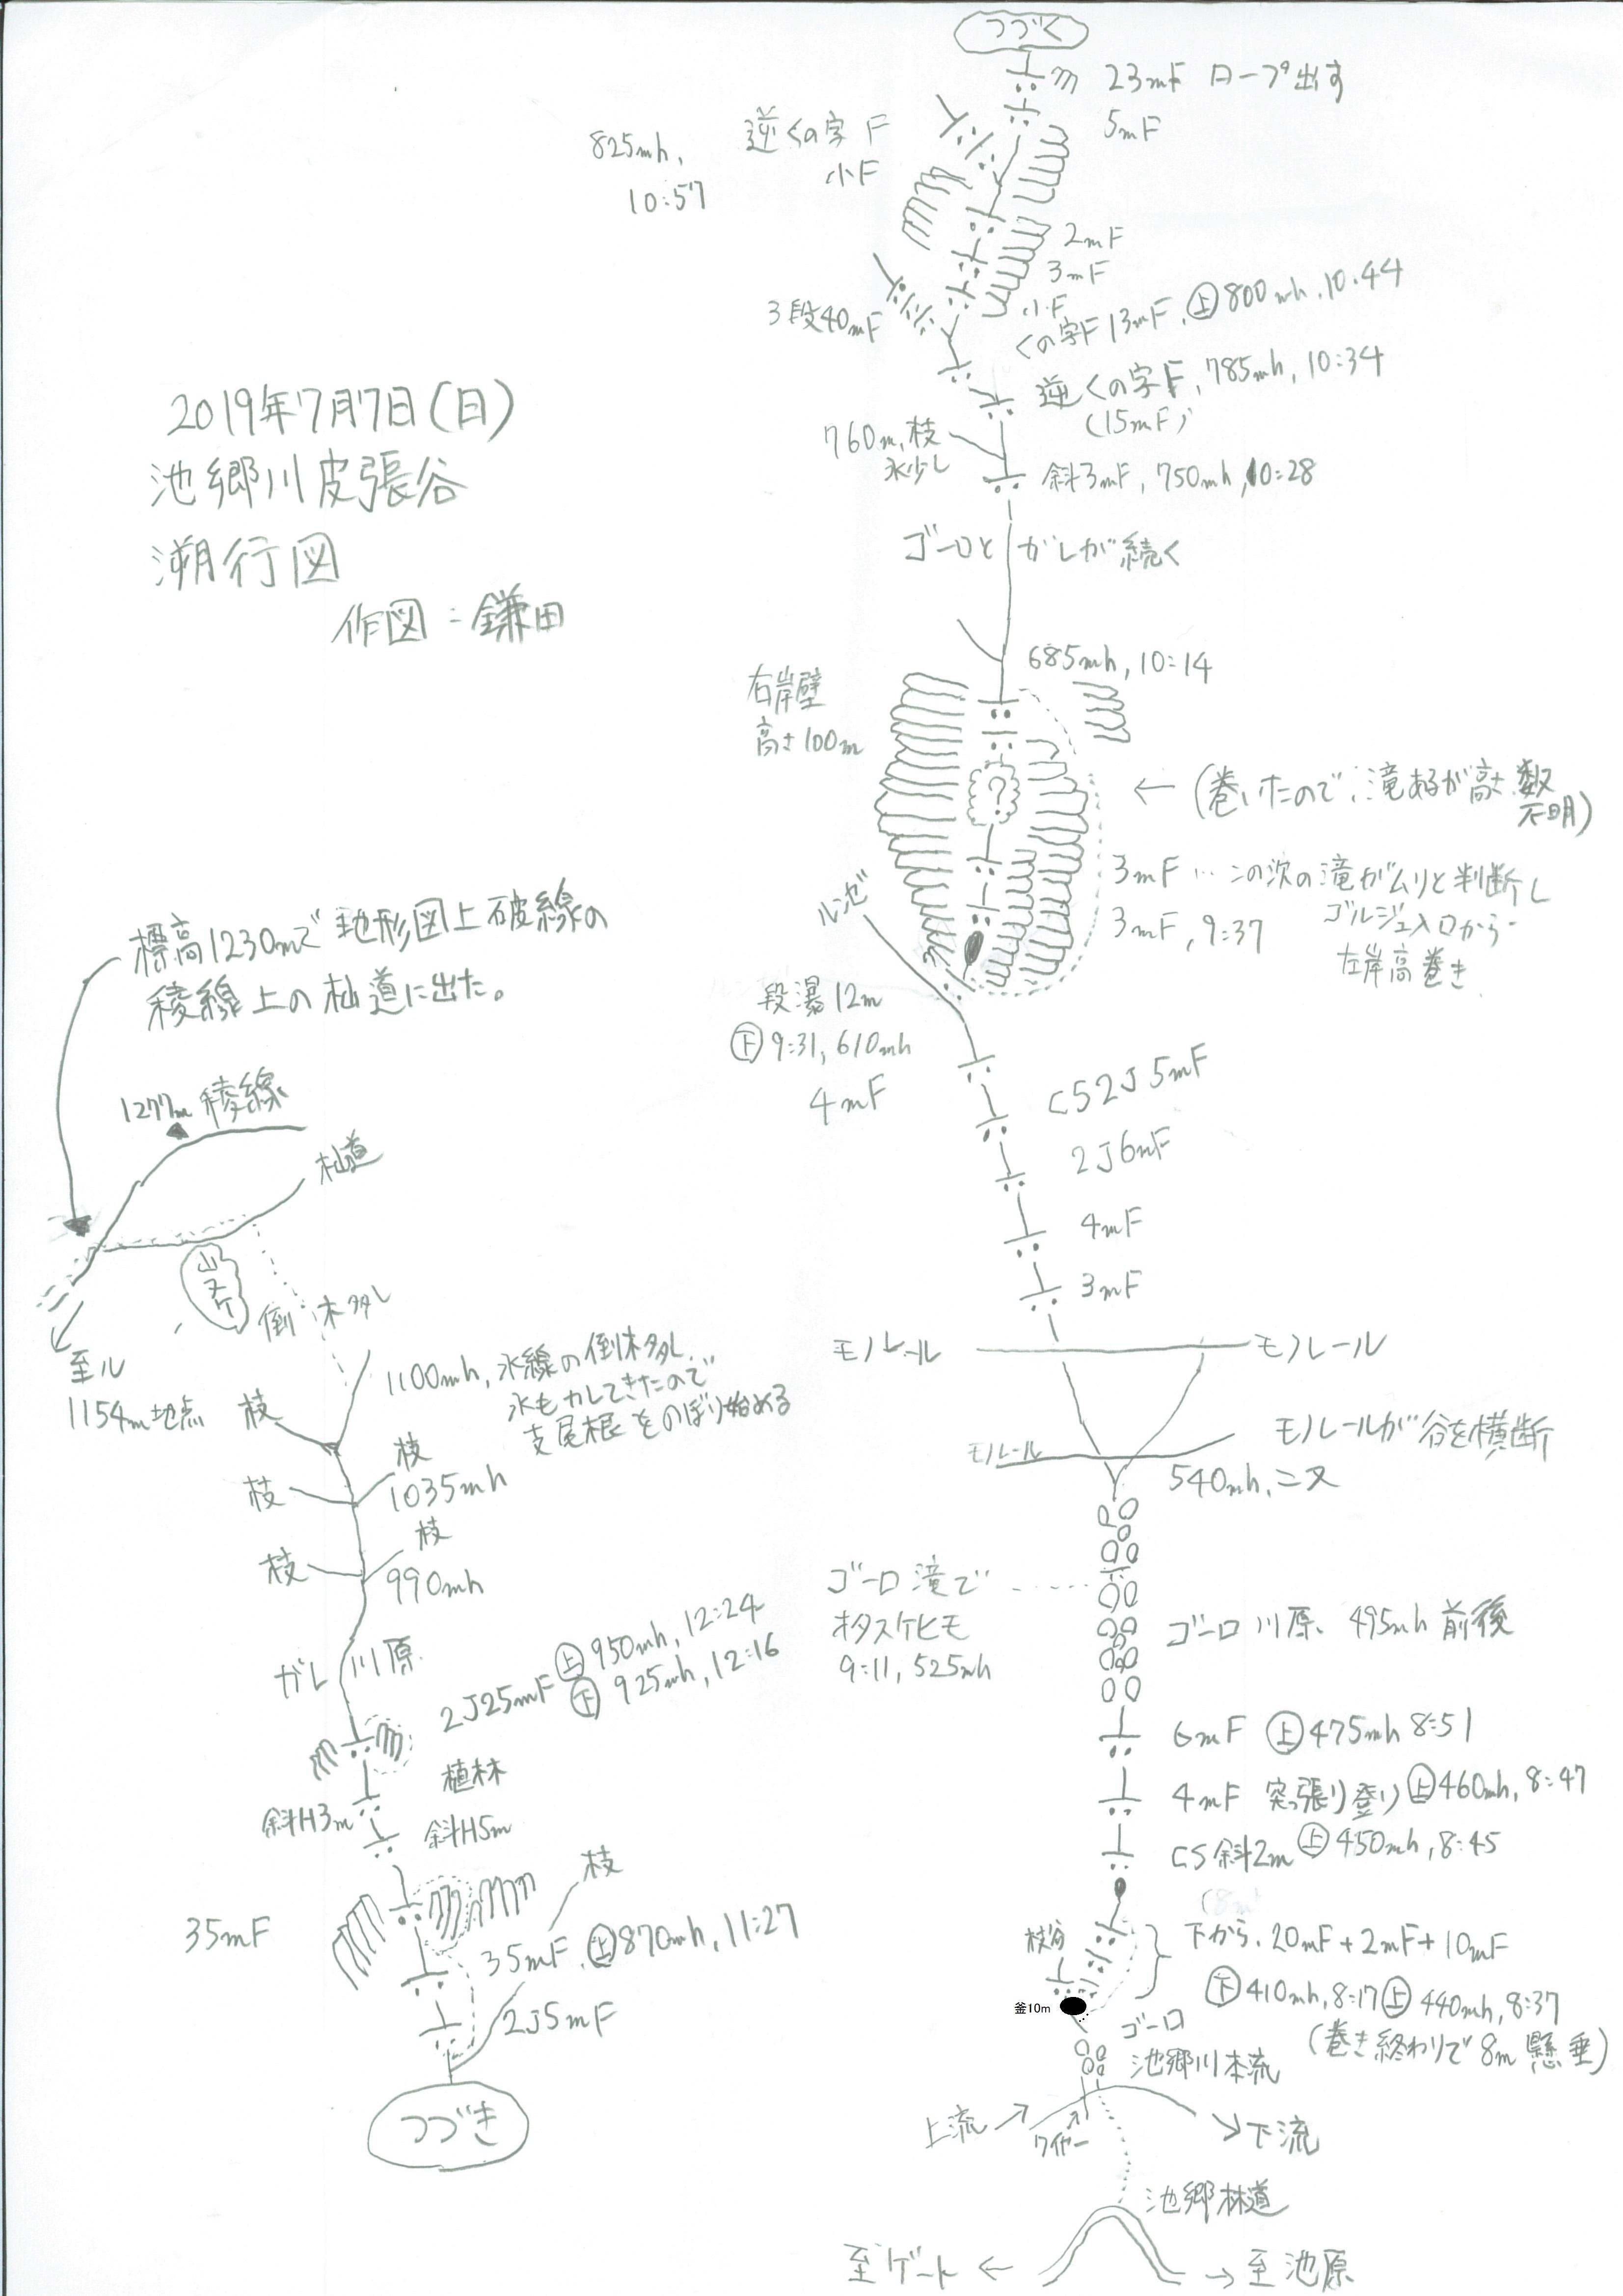 20190707sokoozu